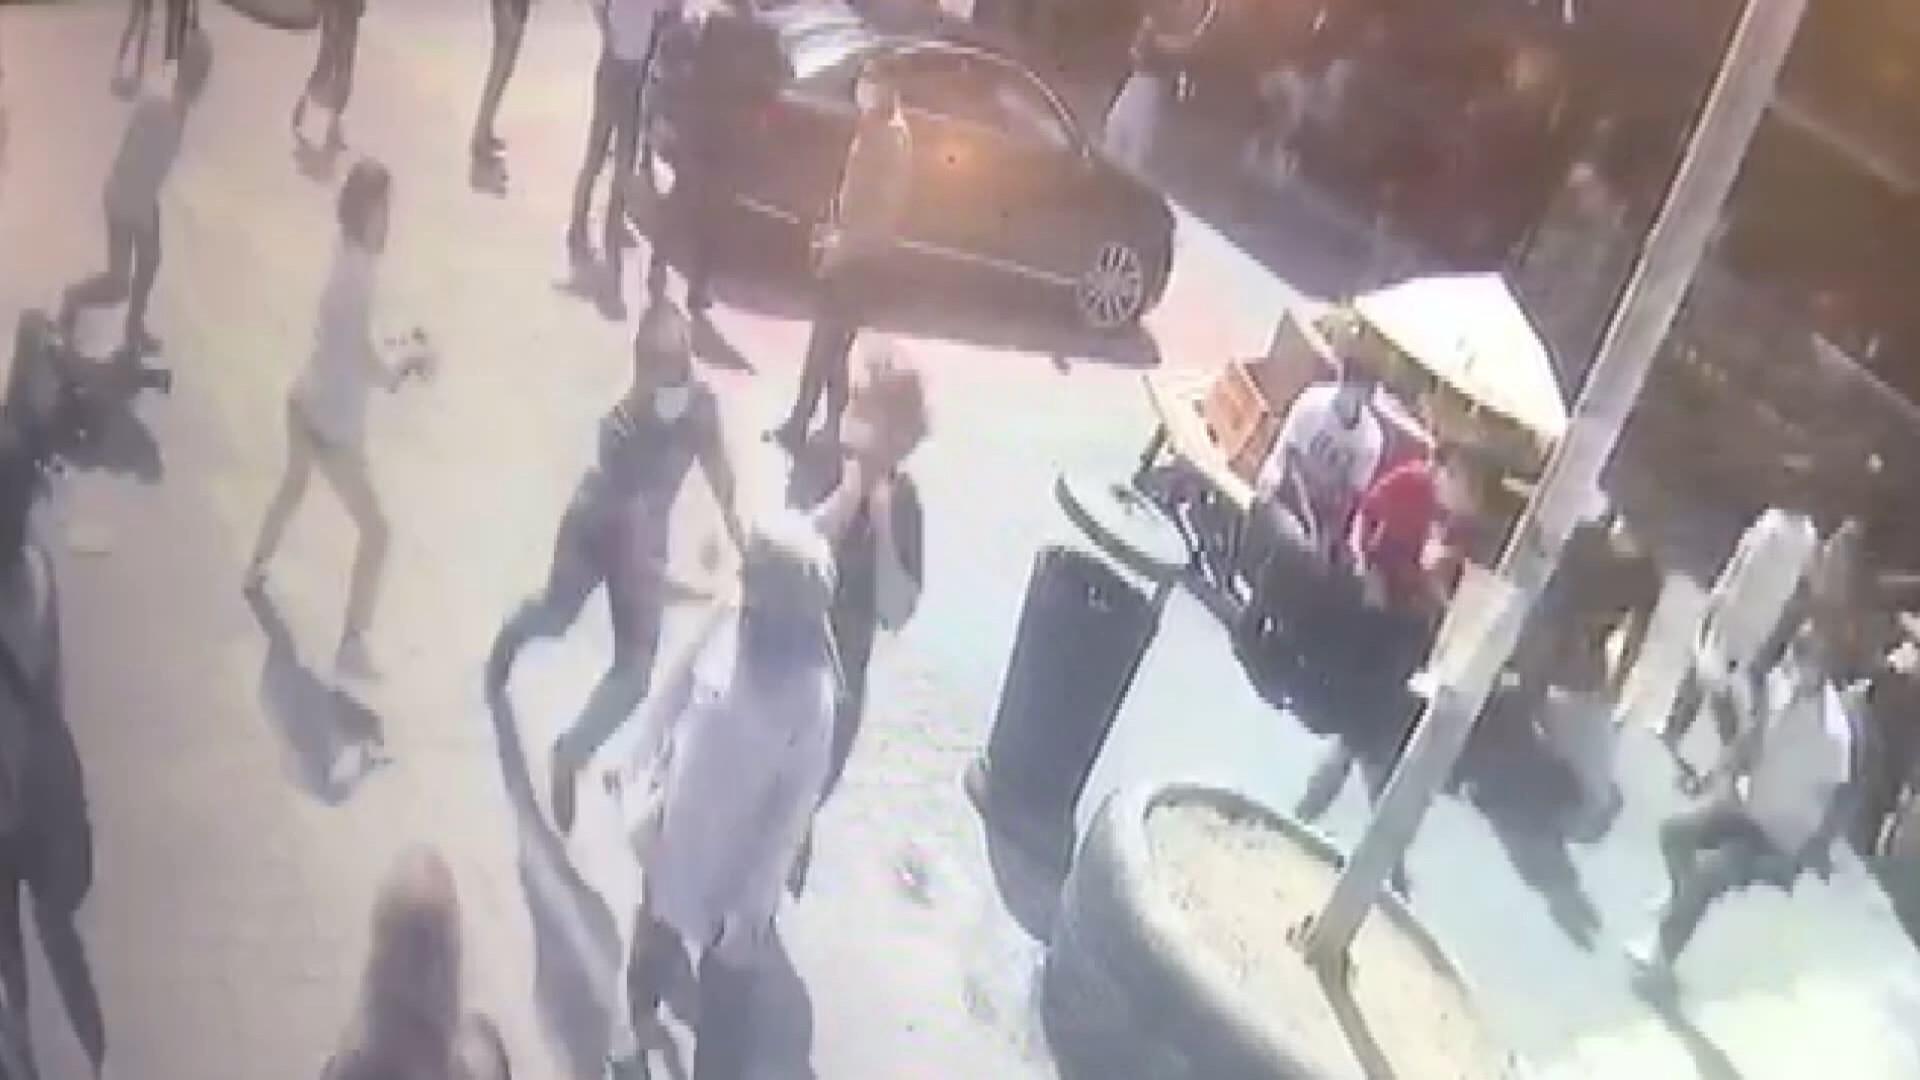 İYİ Parti İstanbul İl Başkanı Buğra Kavuncu'ya yumruklu saldırı